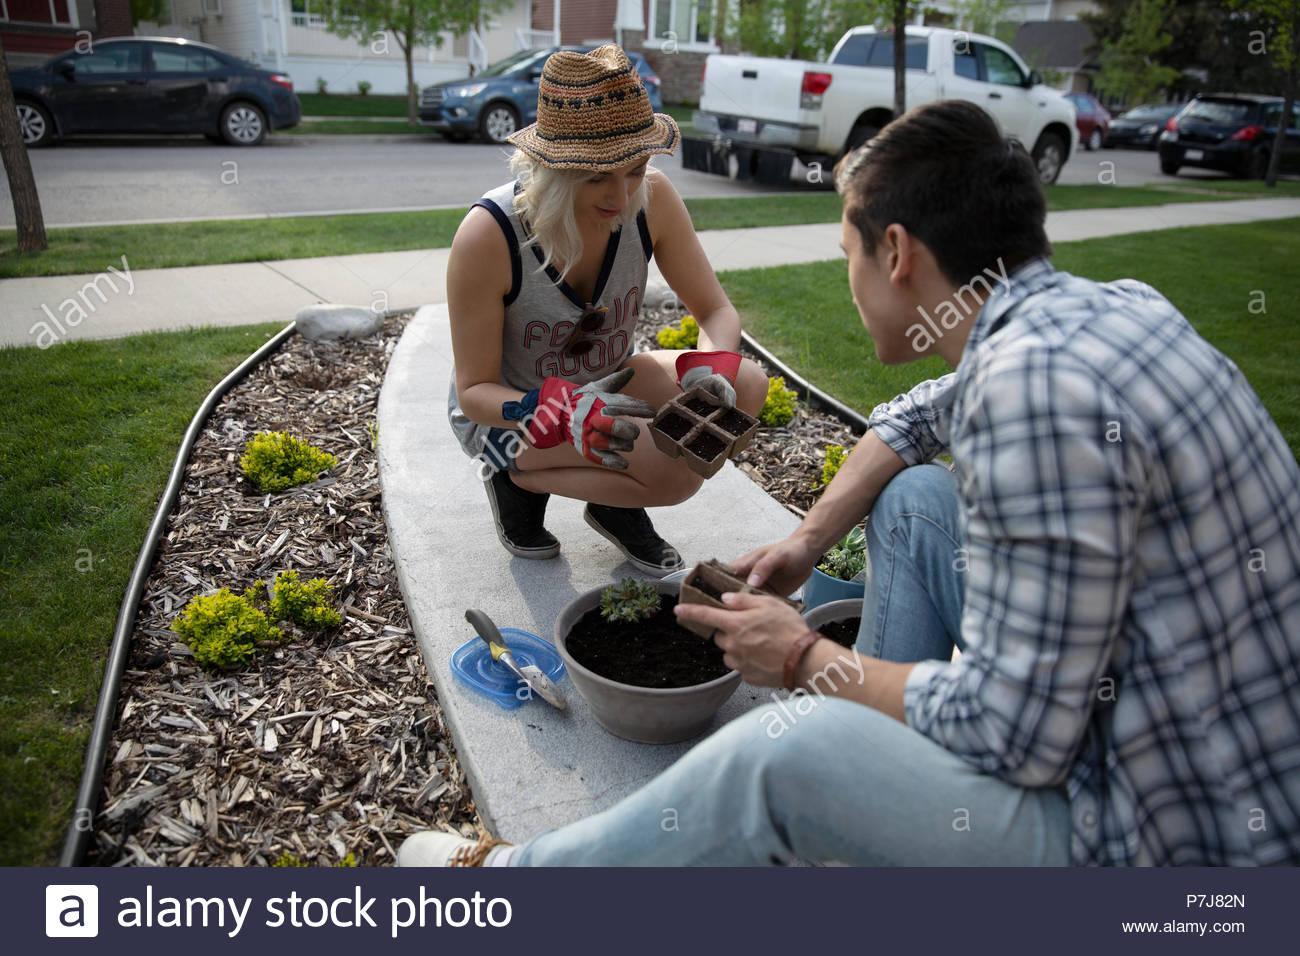 Jeune couple planter des fleurs dans la cour avant Photo Stock